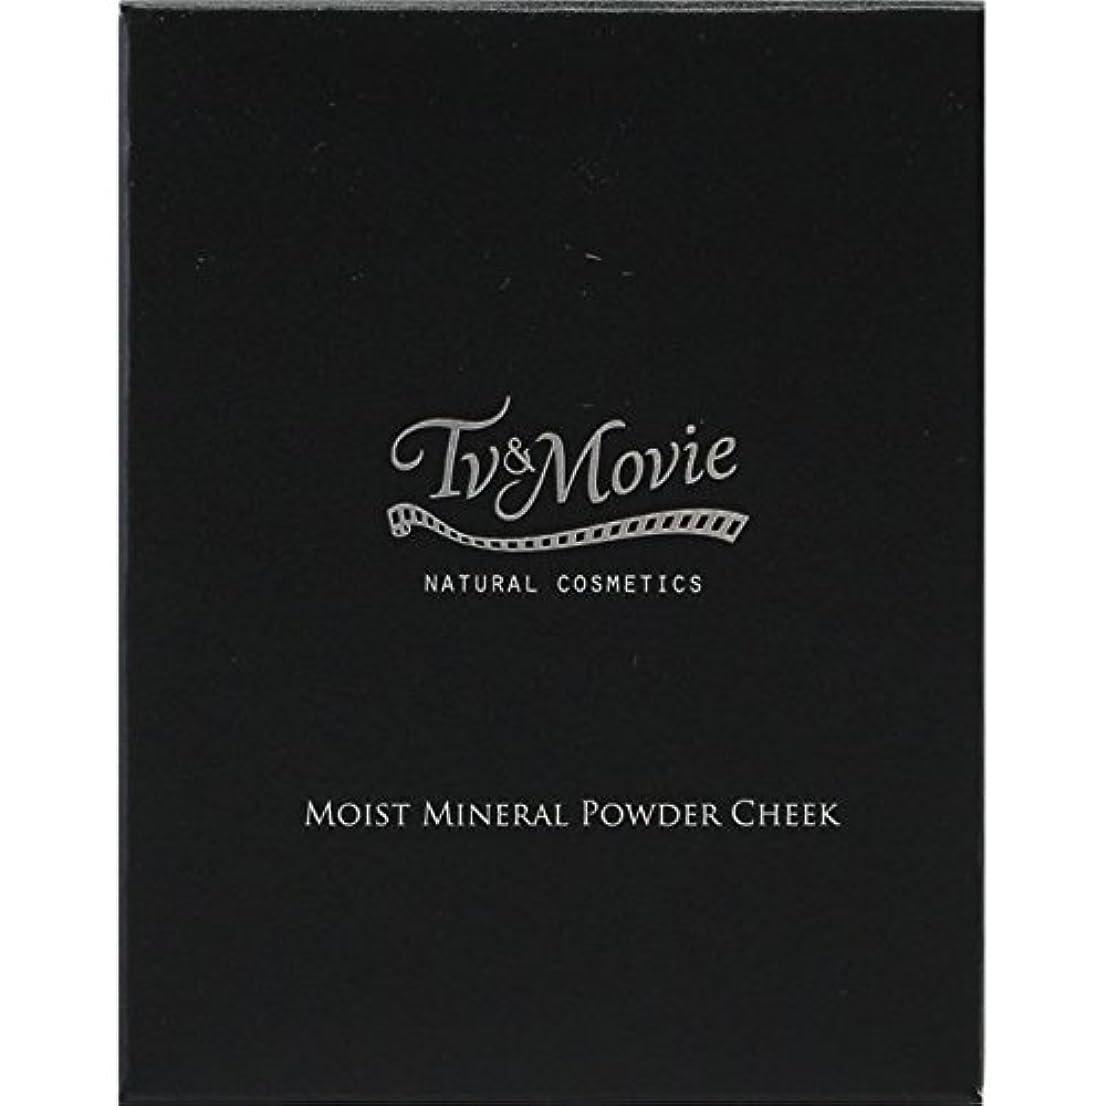 石の賢明な好意的【TV&MOVIE(ティビーアンドムービー) 】モイストミネラル パウダーチーク 5g (01エレガントピンク)